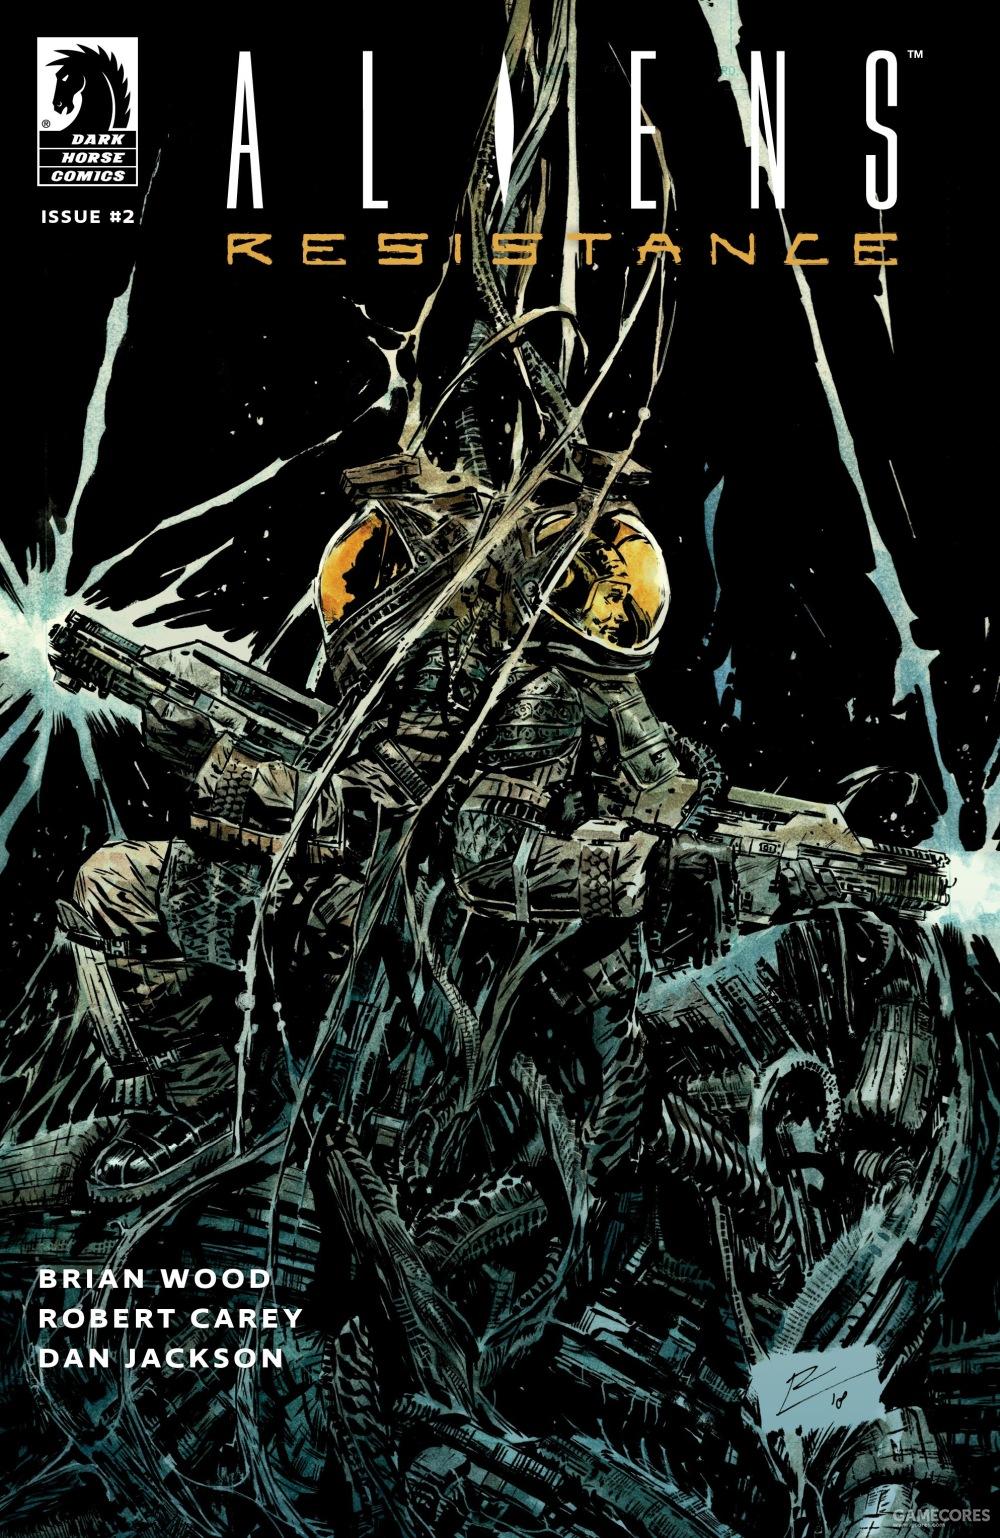 《抵抗》第二期的标准封面